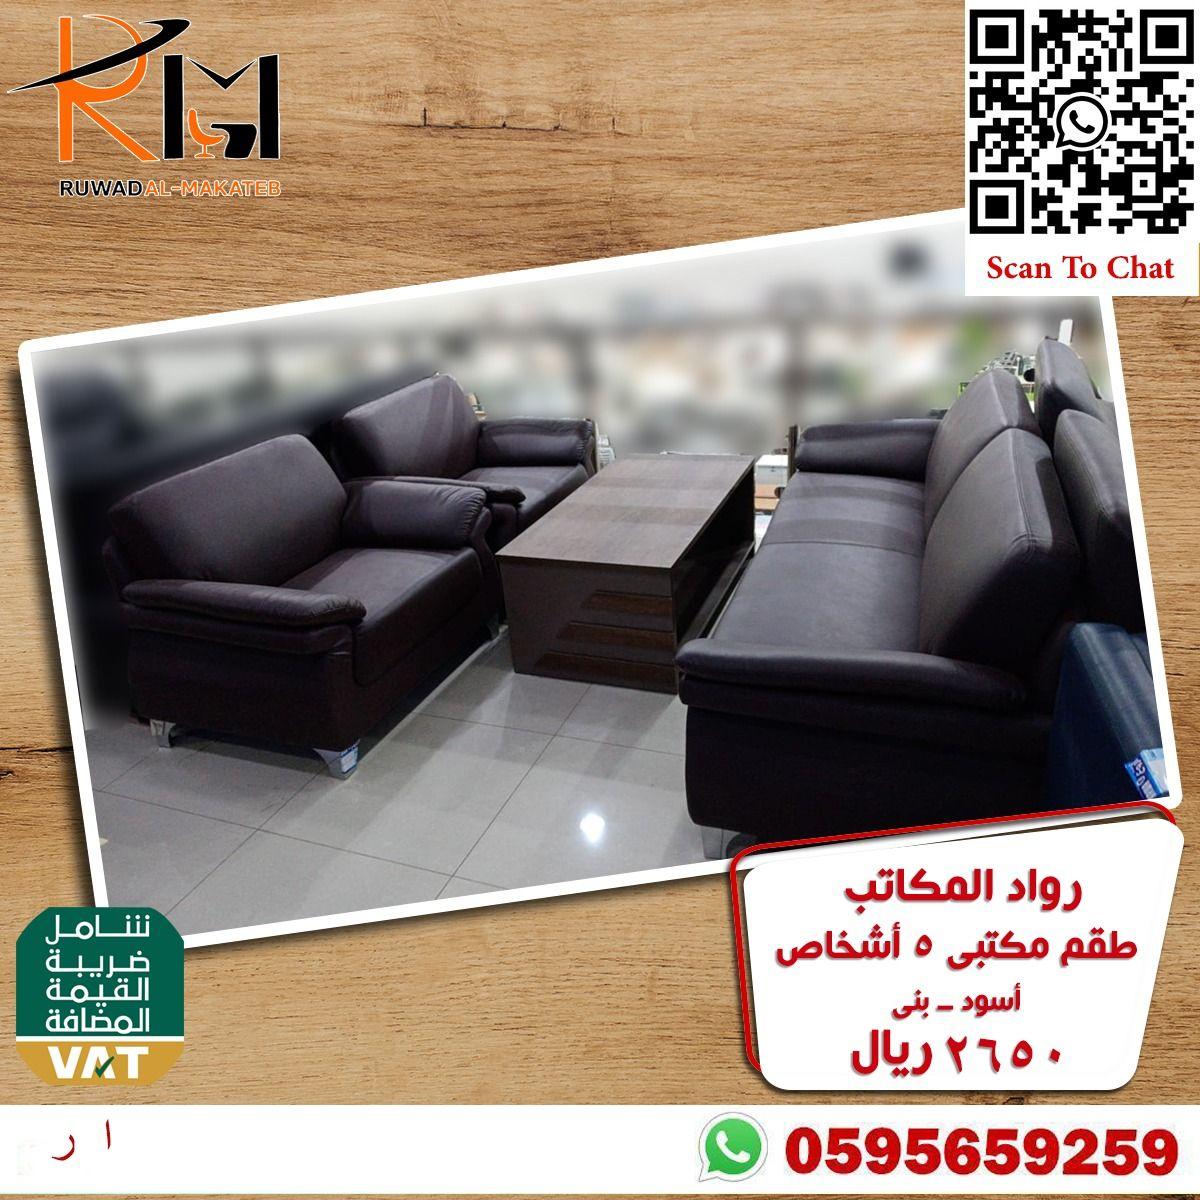 طقم مكتب ٥ اشخاص In 2021 Home Decor Furniture Sofa